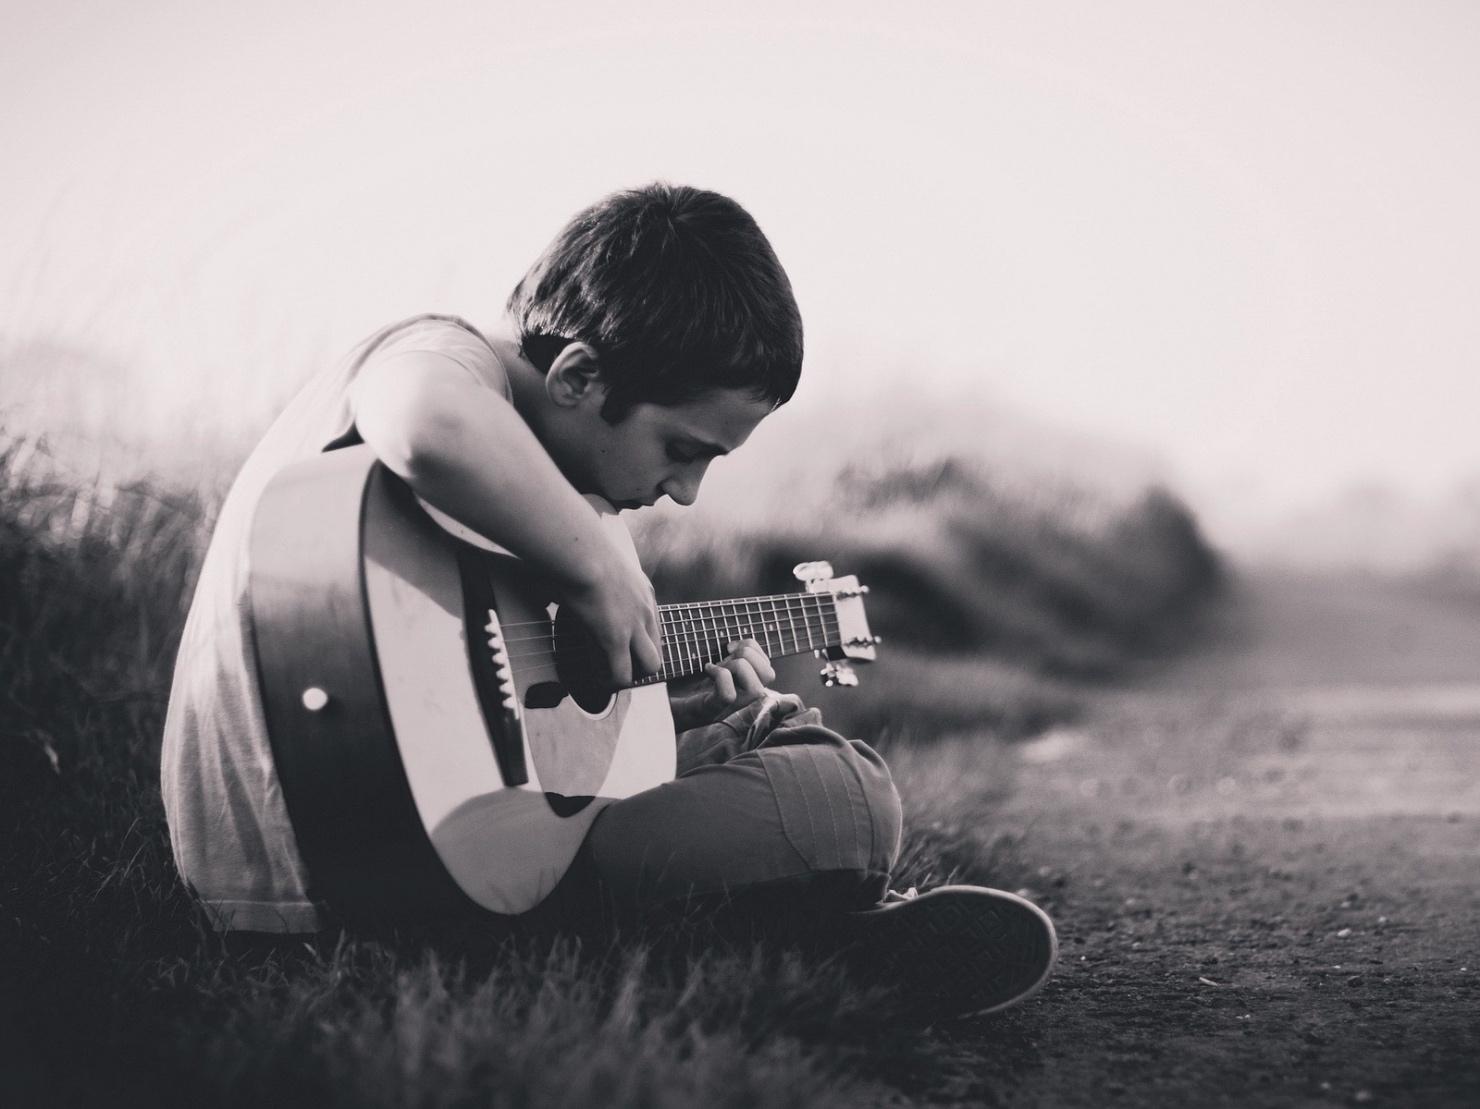 ギターを弾く少年の写真